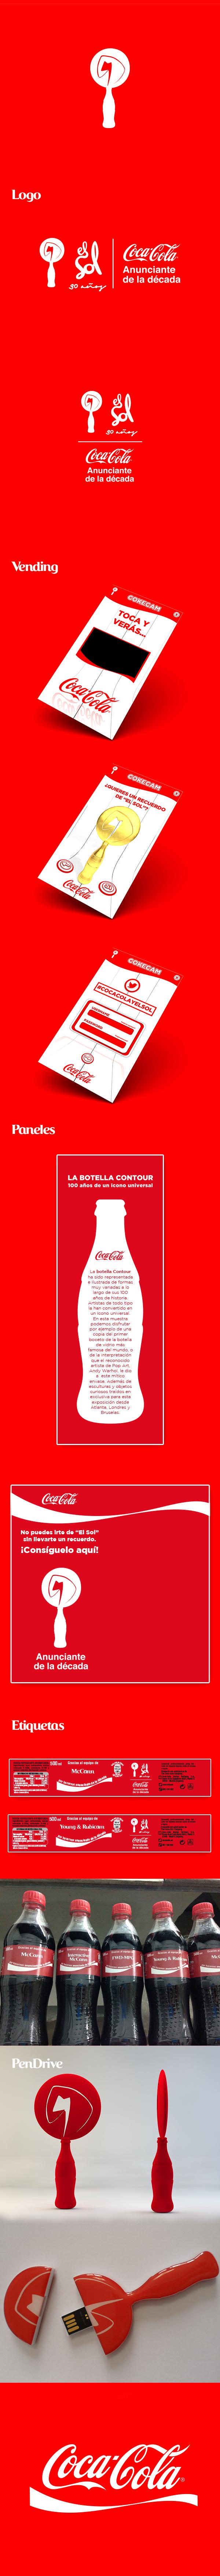 """Coca-Cola anunciante de la Década en """"el Sol"""" on Behance"""